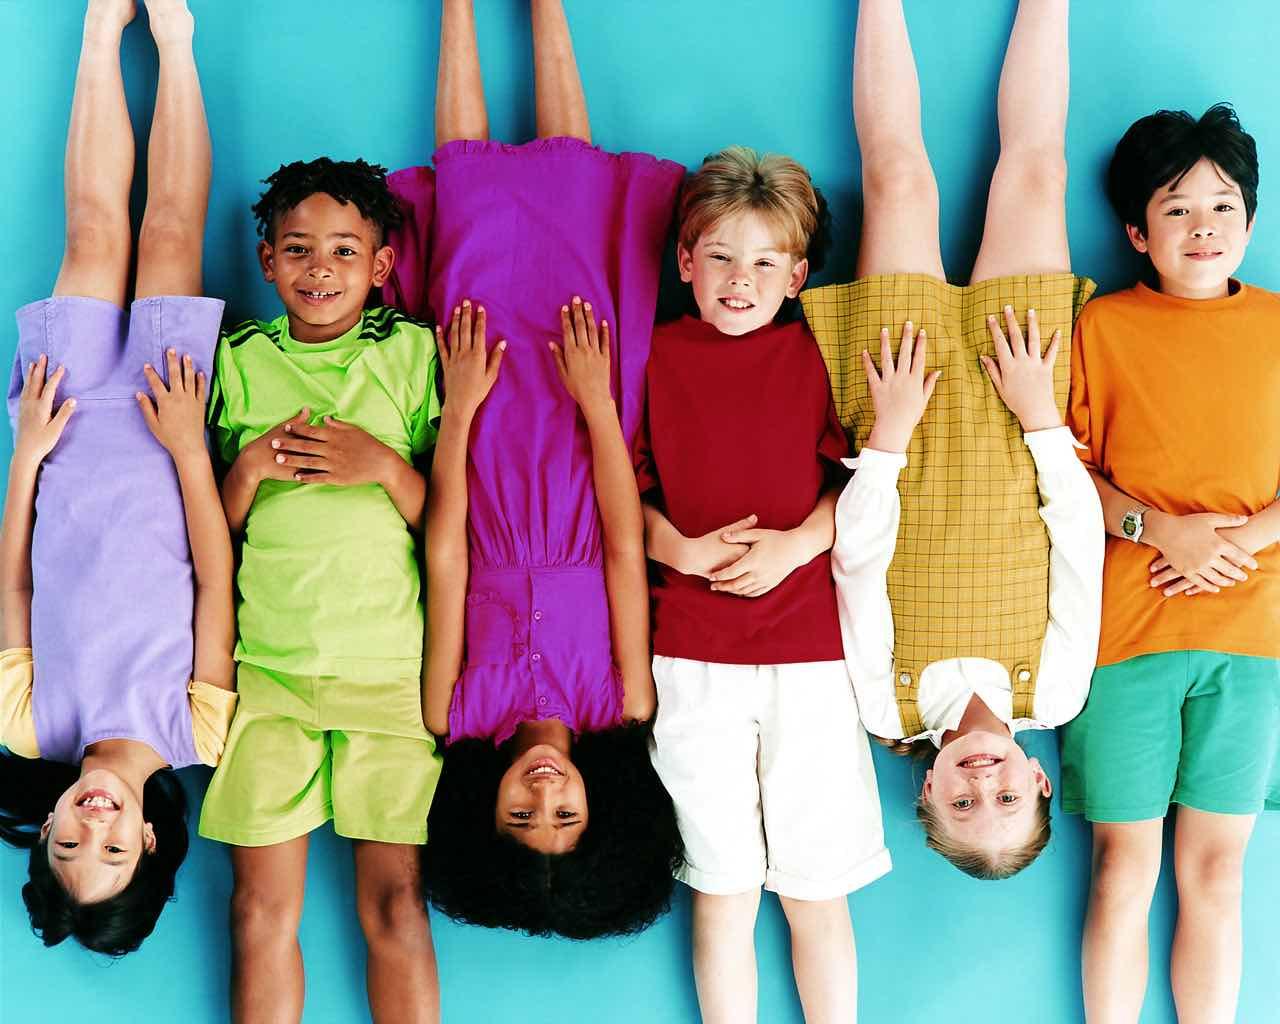 КАК ПРИНЯТО ВОСПИТЫВАТЬ ДЕТЕЙ В РАЗНЫХ СТРАНАХ